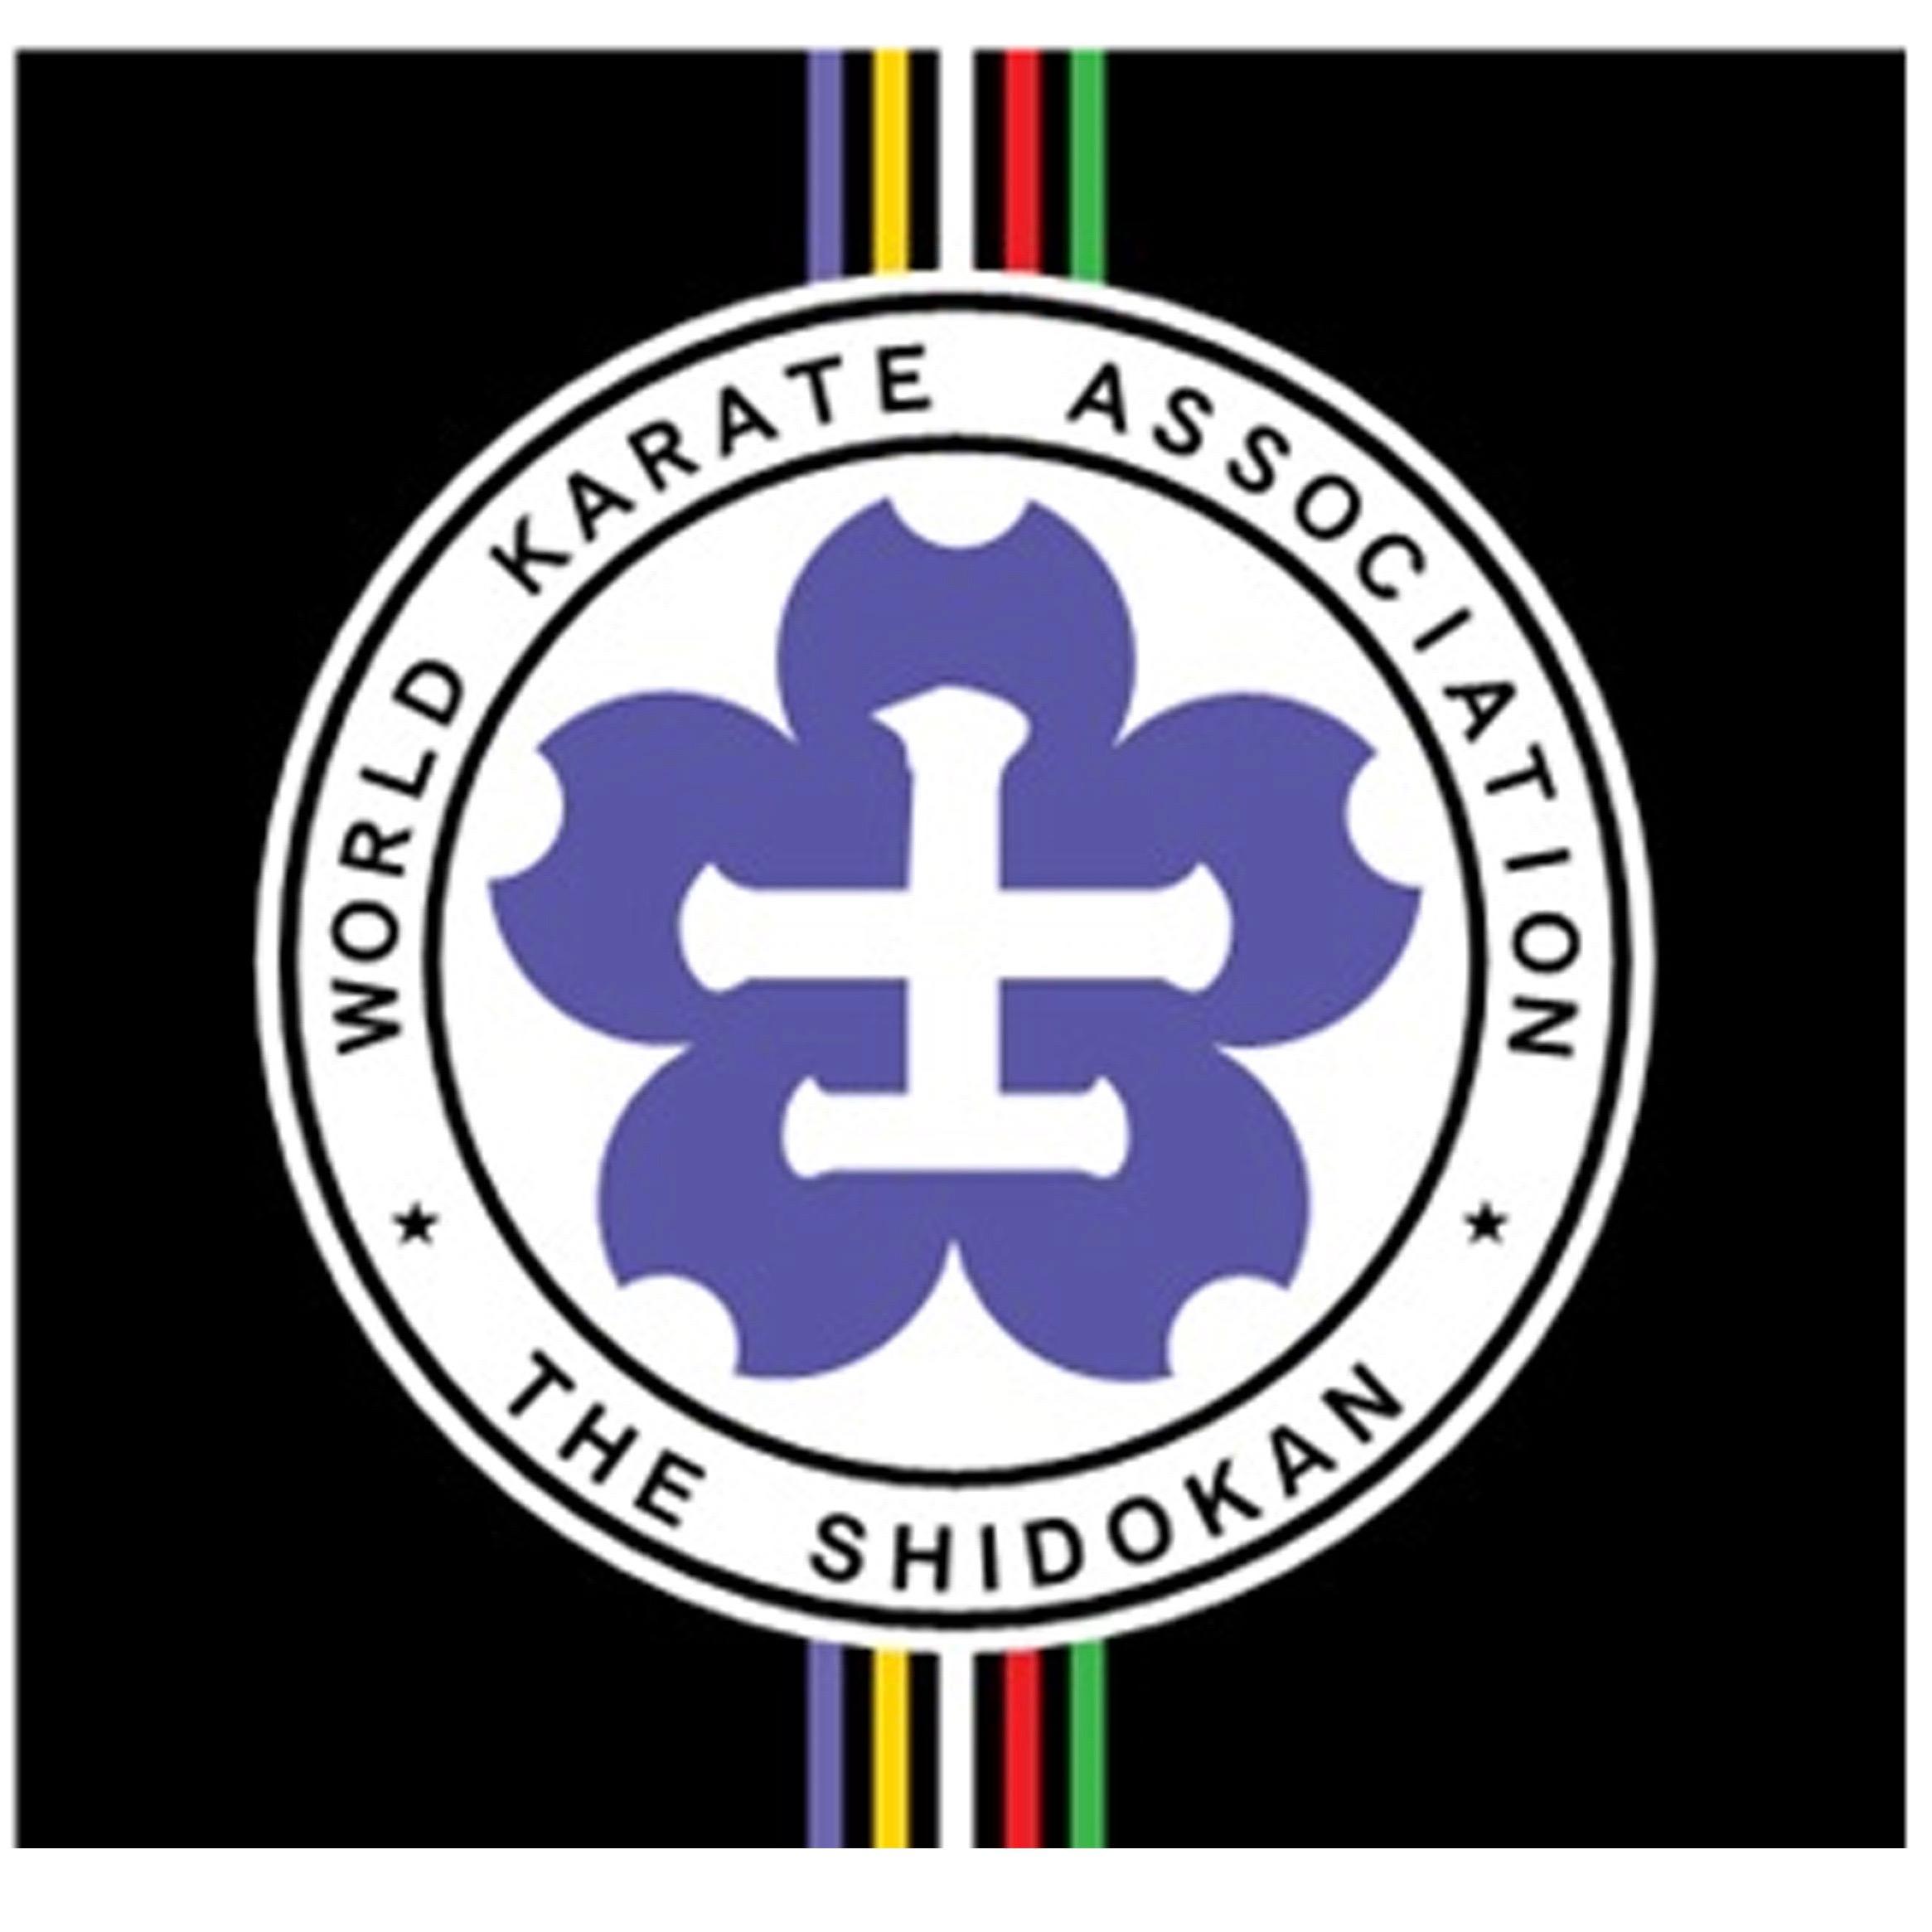 HK branch flag (2).jpg